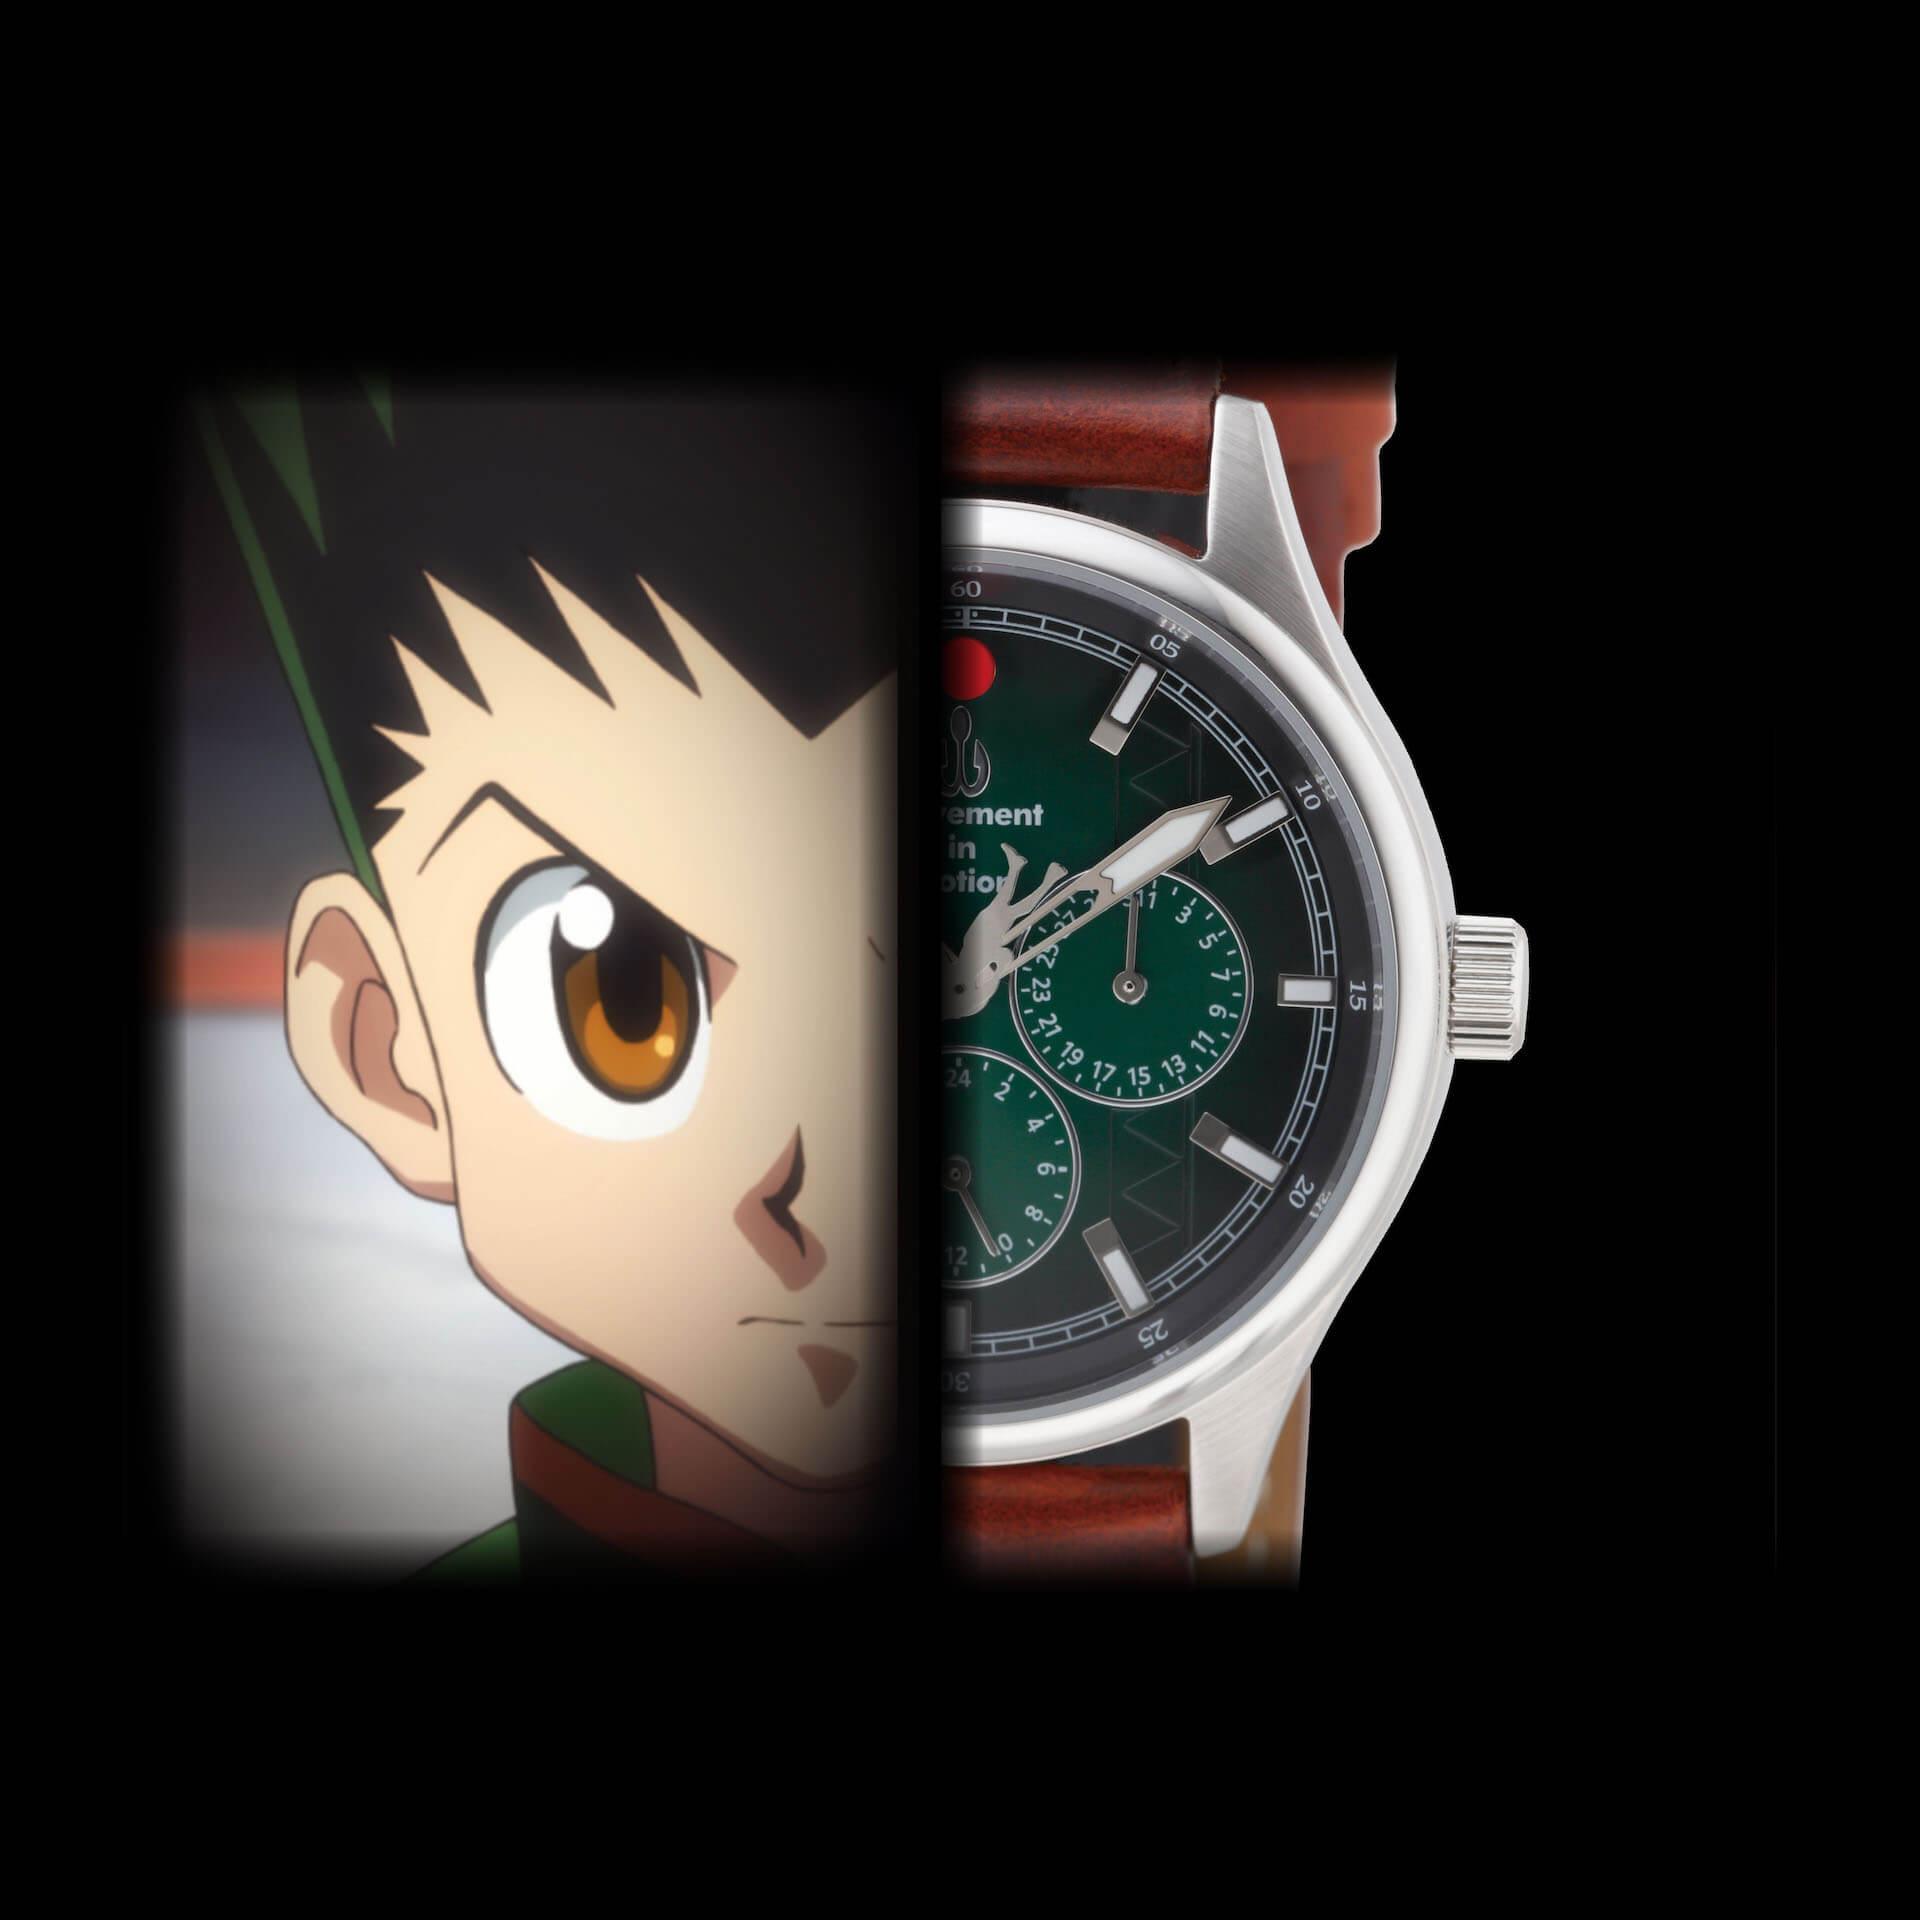 HUNTER×HUNTERとTiCTACの初コラボレーション腕時計が登場|ゴンやヒソカたち、人気キャラクターを表現 sub1-2